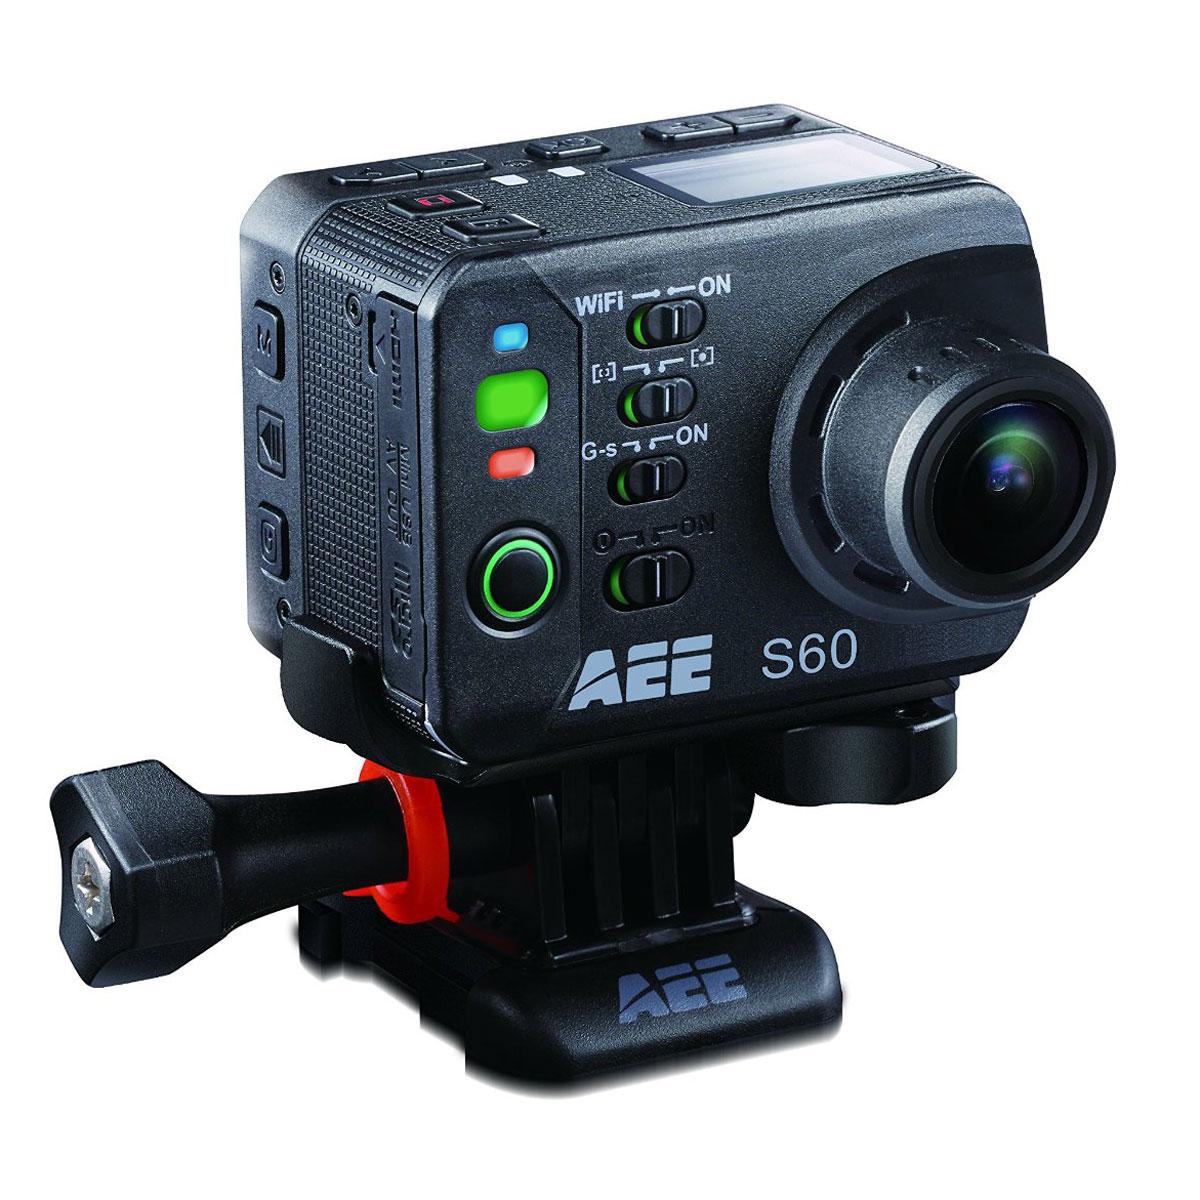 AEE S60 Magicam экшн-камераS60AEE экшн-камера S60 - это революционное решение среди камер для экстремальной съемки. Принципиально новый и современный дизайн, повышенный уровень эргономики, качество съемки Full HD и система оптической стабилизации позволяют записать видеоролик, который передаст атмосферу даже самого опасного приключения! Девайс обладает WiFi-модулем для управления с других мобильных устройств, стереомикрофоном и аккумулятором на 1500 мАч. Рабочая дистанция WiFi: до 120м Режим фотосъёмки: 16 Mпикс Формат изображений: JPEG Температура эксплуатации : -10-50 °С Влажность во время эксплуатации: 15-85% относительной влажности